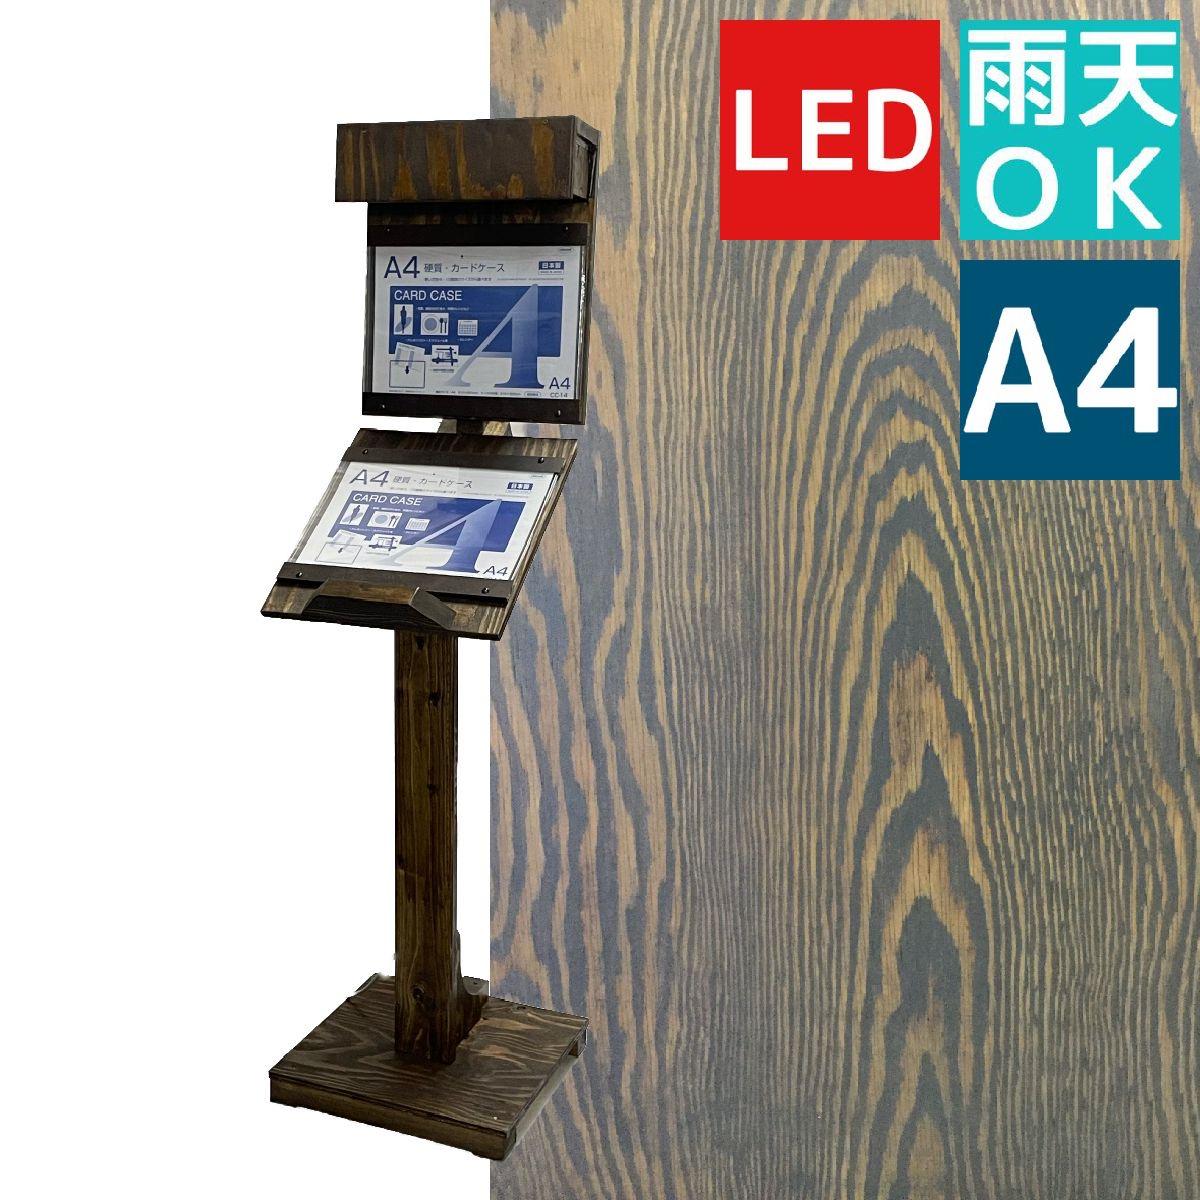 屋外用 LED電球専用 A4×2枚 木製オリジナルメニュースタンドT型 オーク